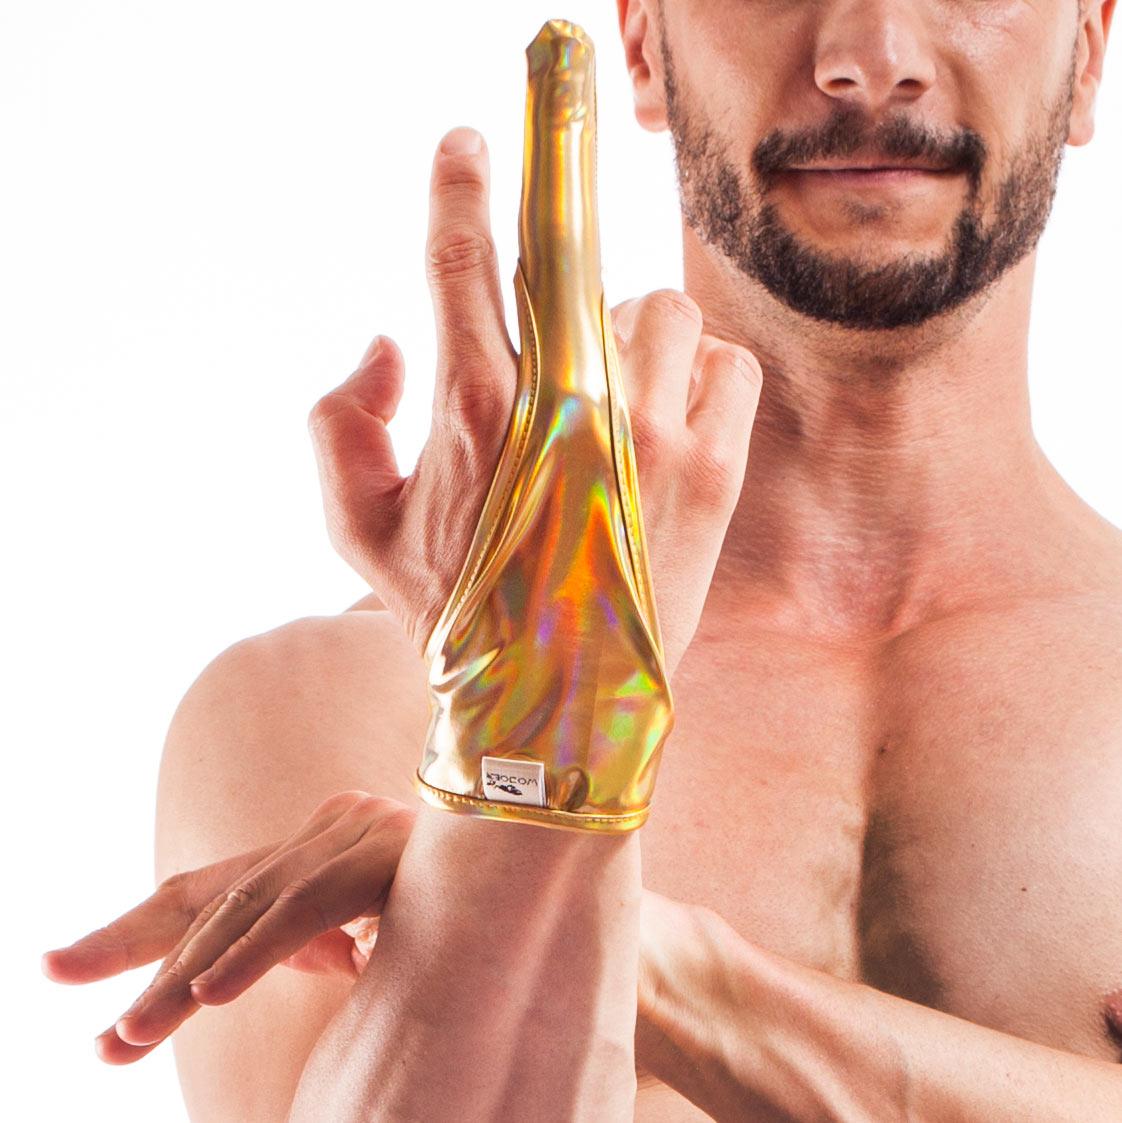 Der geschmeidige Golden Line Goldfinger 364F1B-Ware aus Gold glänzenden Lederimitat mit holografischen Effekt, gehört zur Kategorie Sale.  An der Innenseite des Fingers ist ein minimaler Nahtfehler aufgetreten, siehe Produktbilder. Größen Einheitsgröße Materialzusammensetzung Lederimitat: 80% Polyester | 12% Polyurethan | 8% Elasthan Besonderheiten LIVE Produkt | holografischer Effekt…